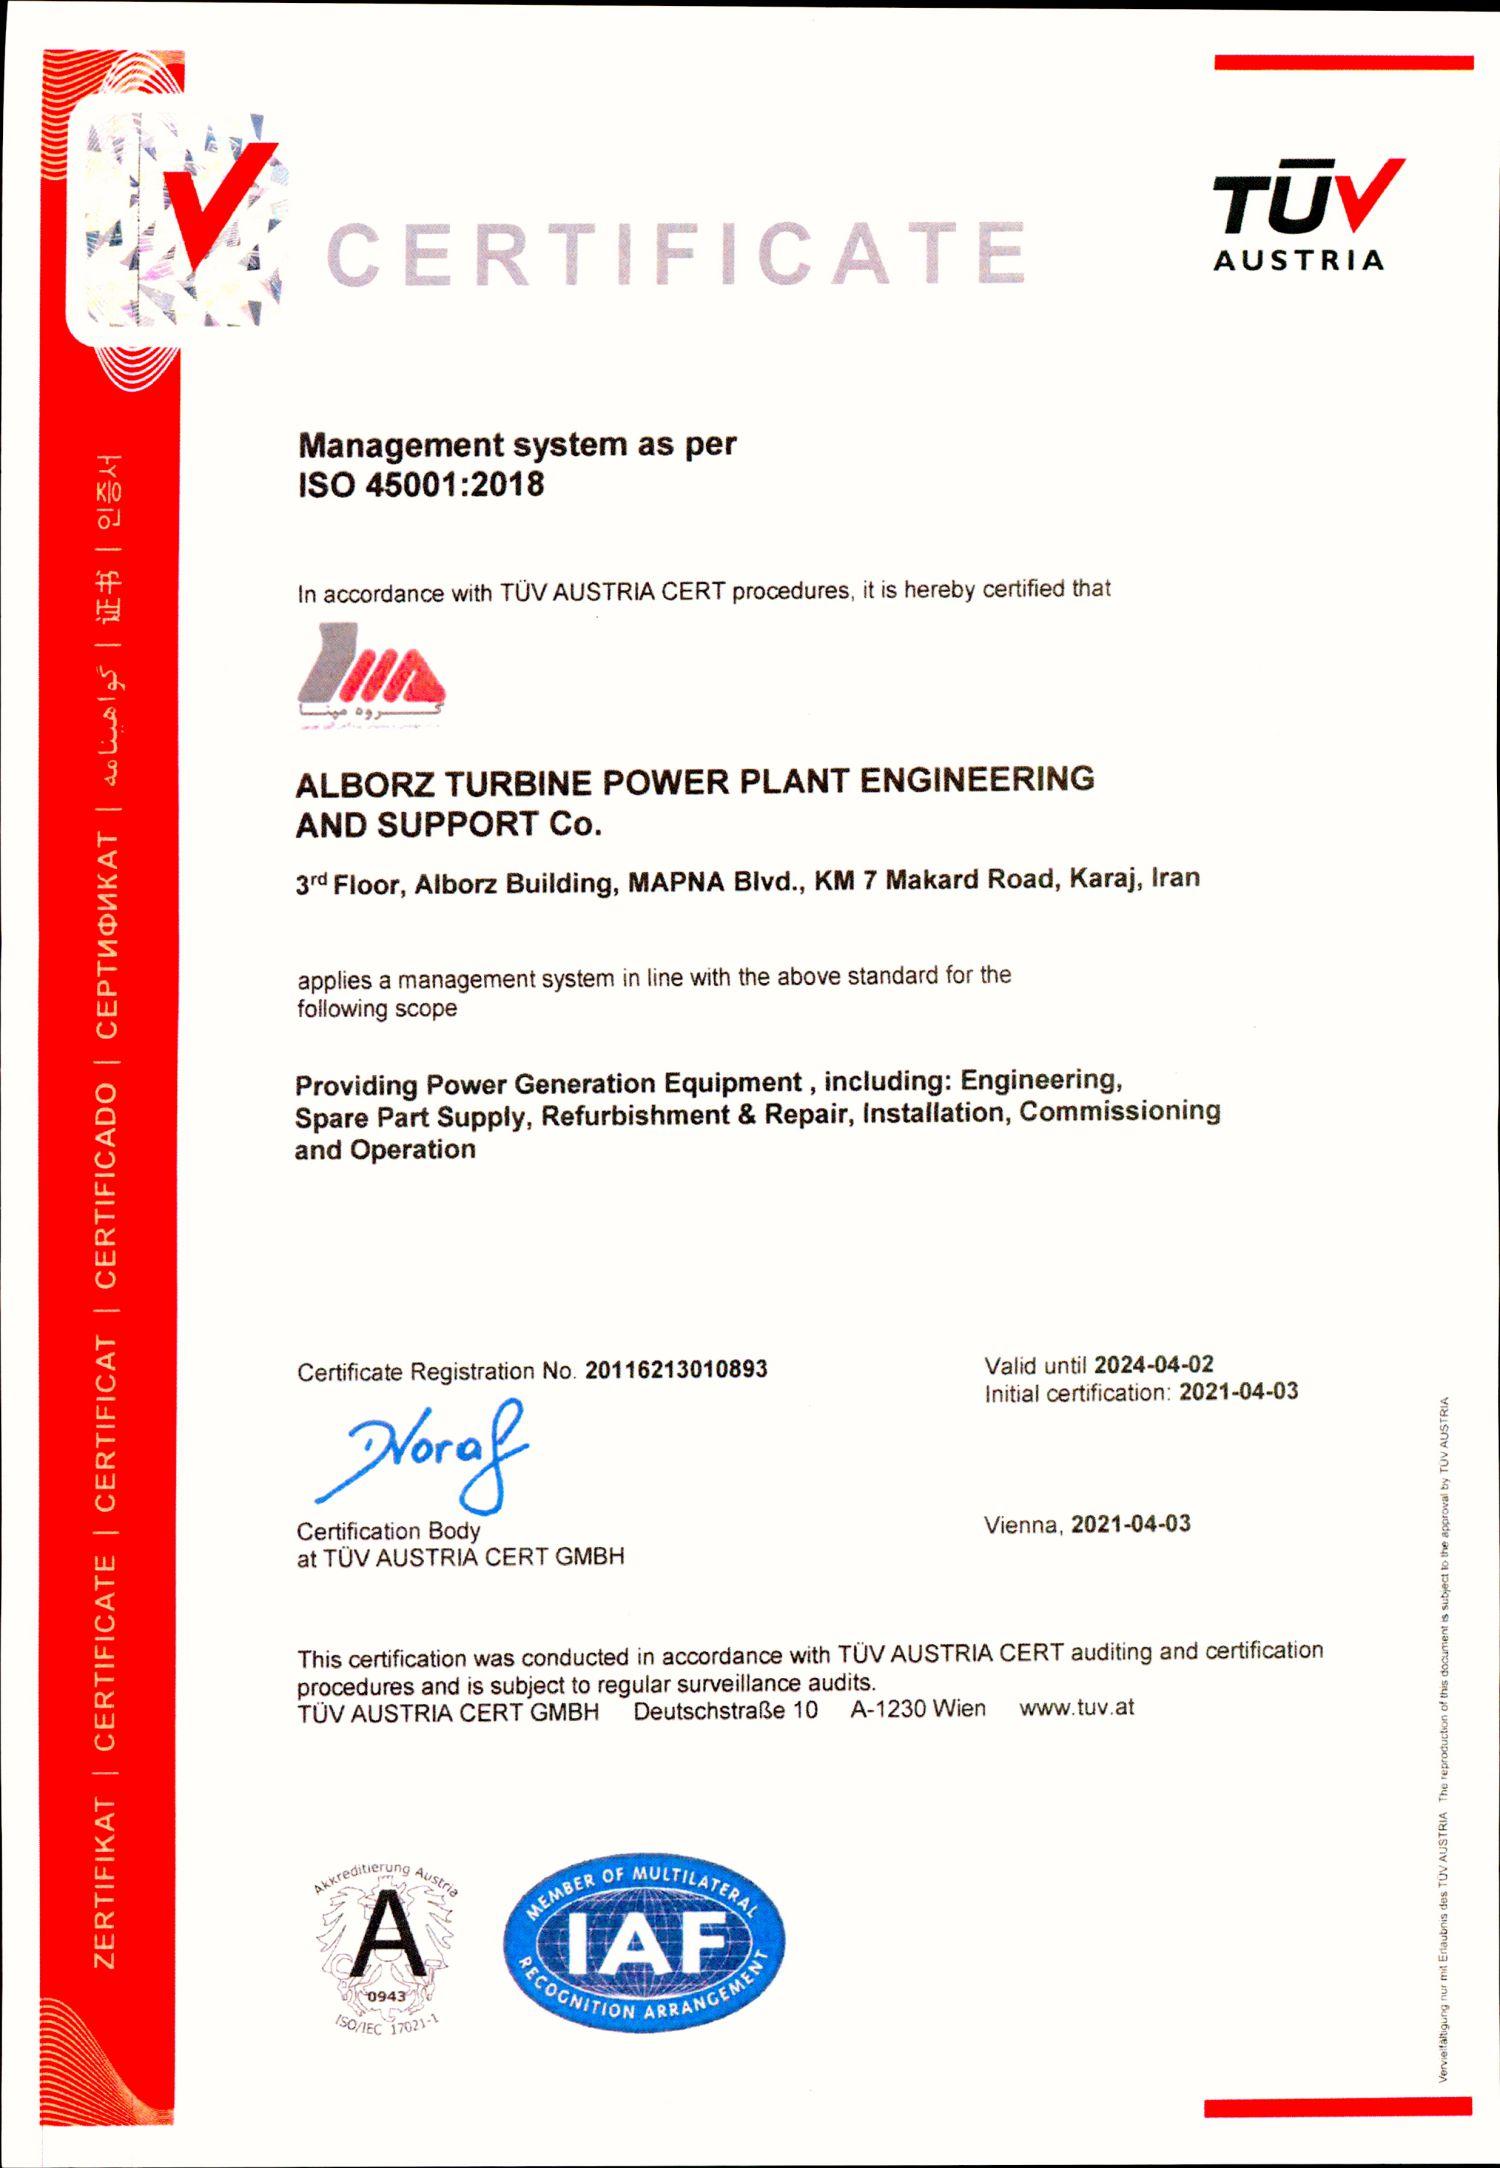 گواهينامه شركت البرز توربين - ISO45001-2018